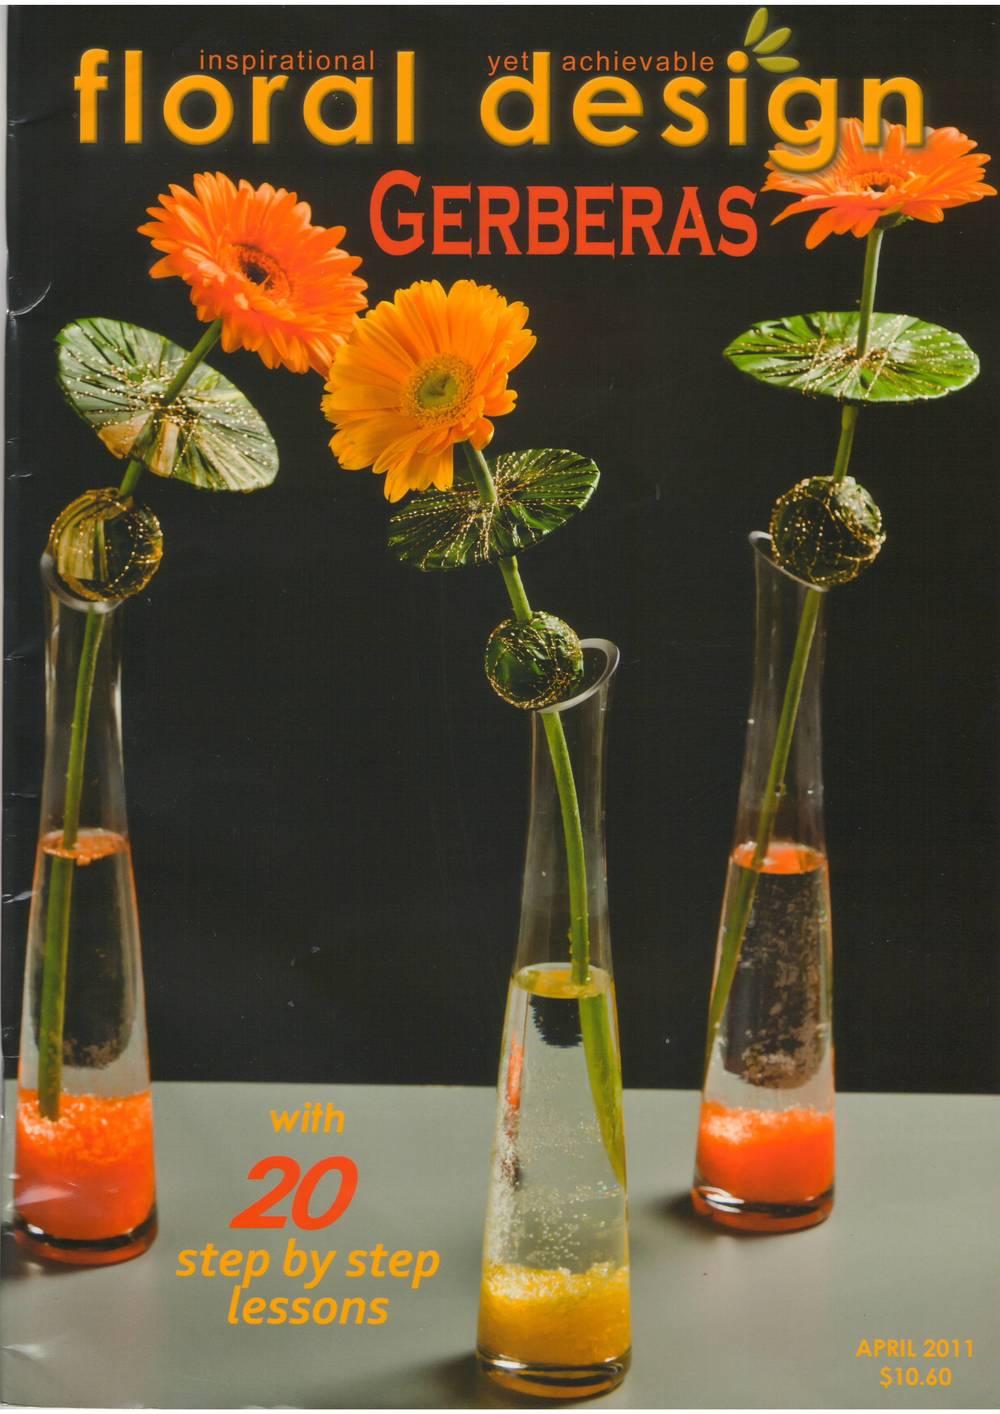 floral design 04 2011.JPG